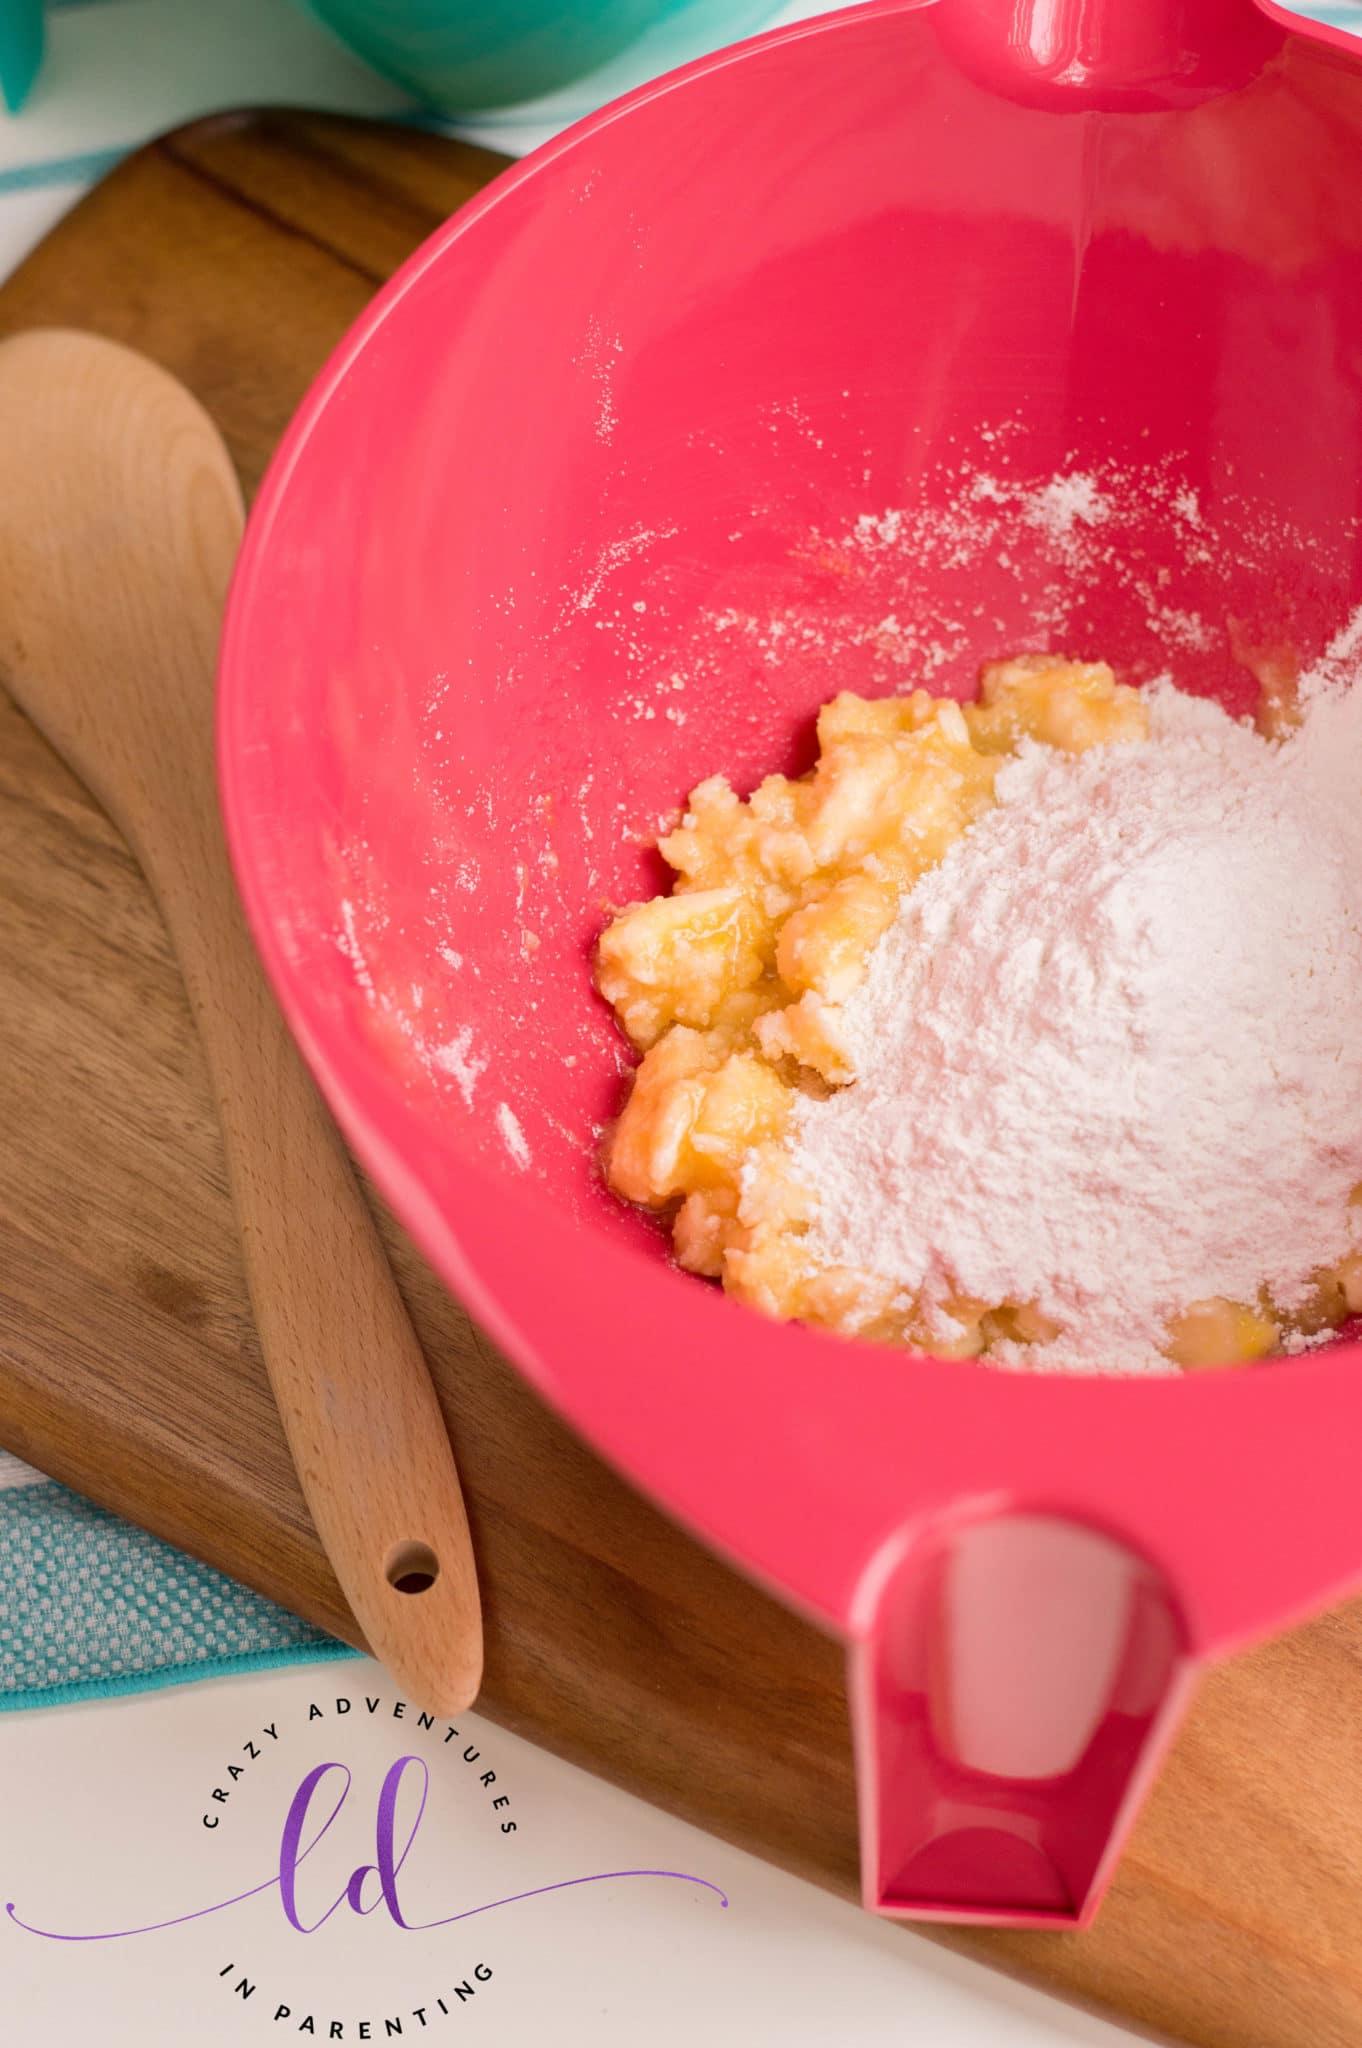 Add dry ingredients to make Patriotic Sugar Cookies